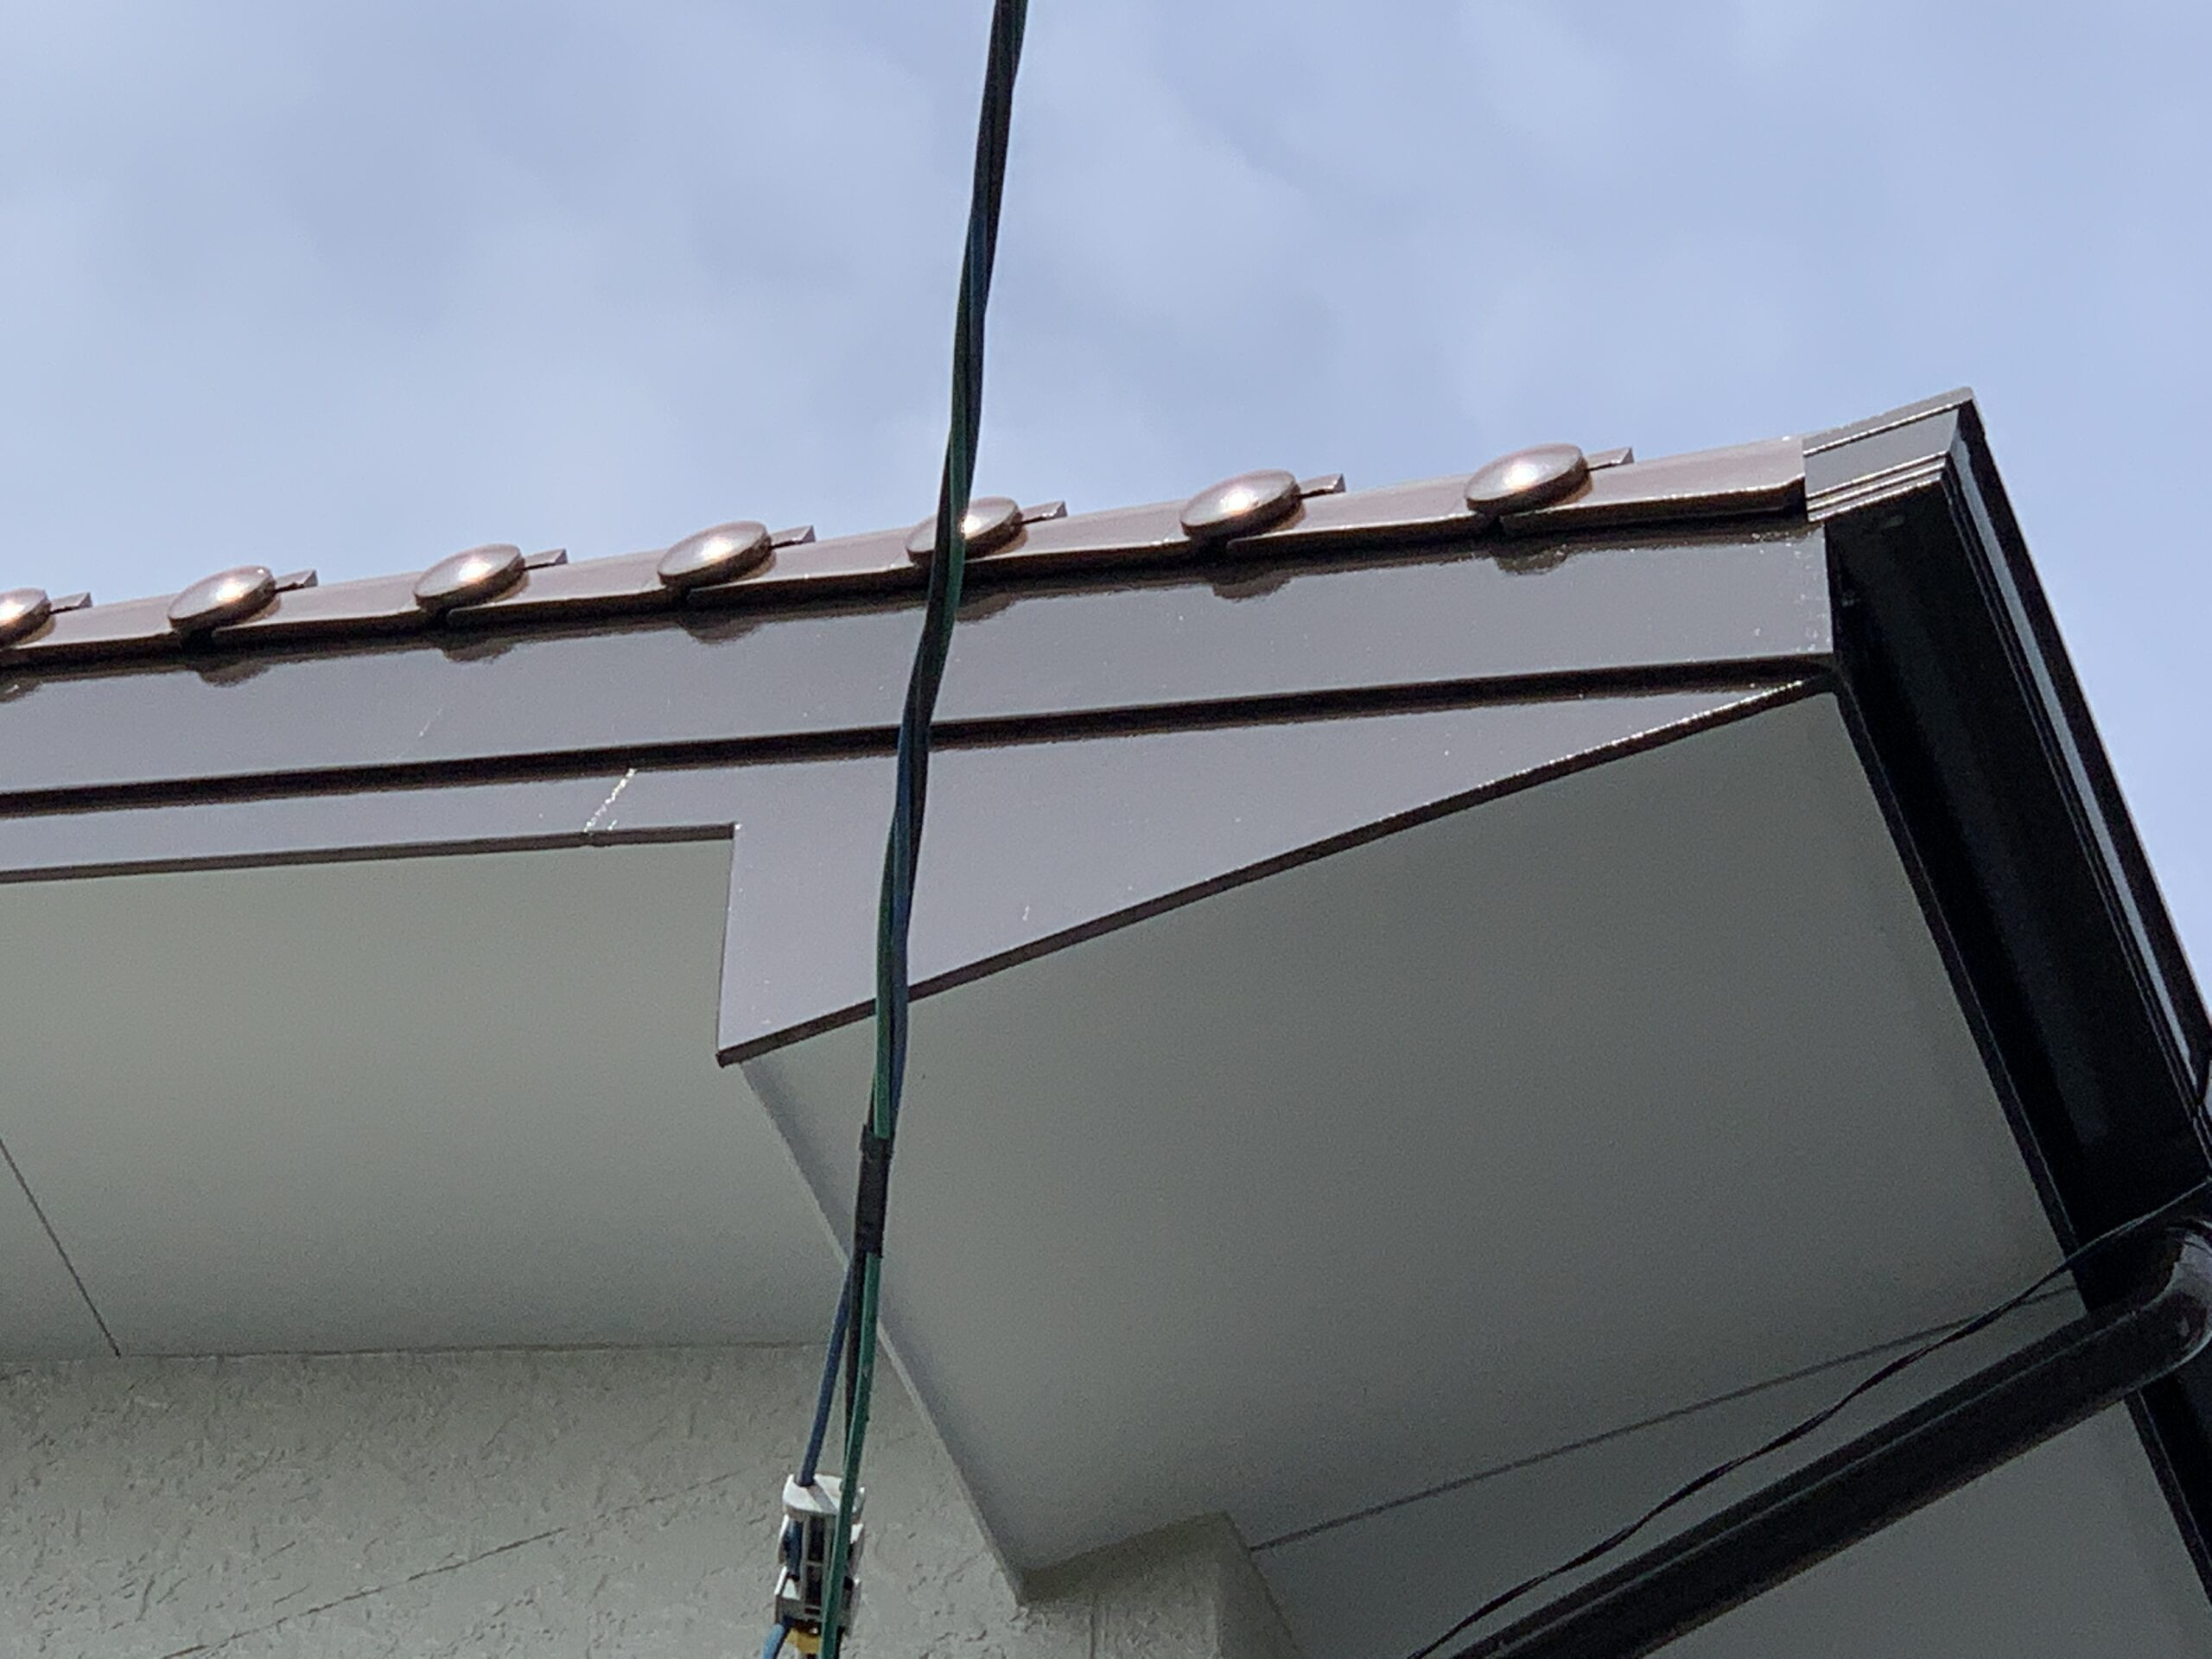 佐賀市 塗るばい サニー建設商事 サニケン さにけん 施工事例 破風板